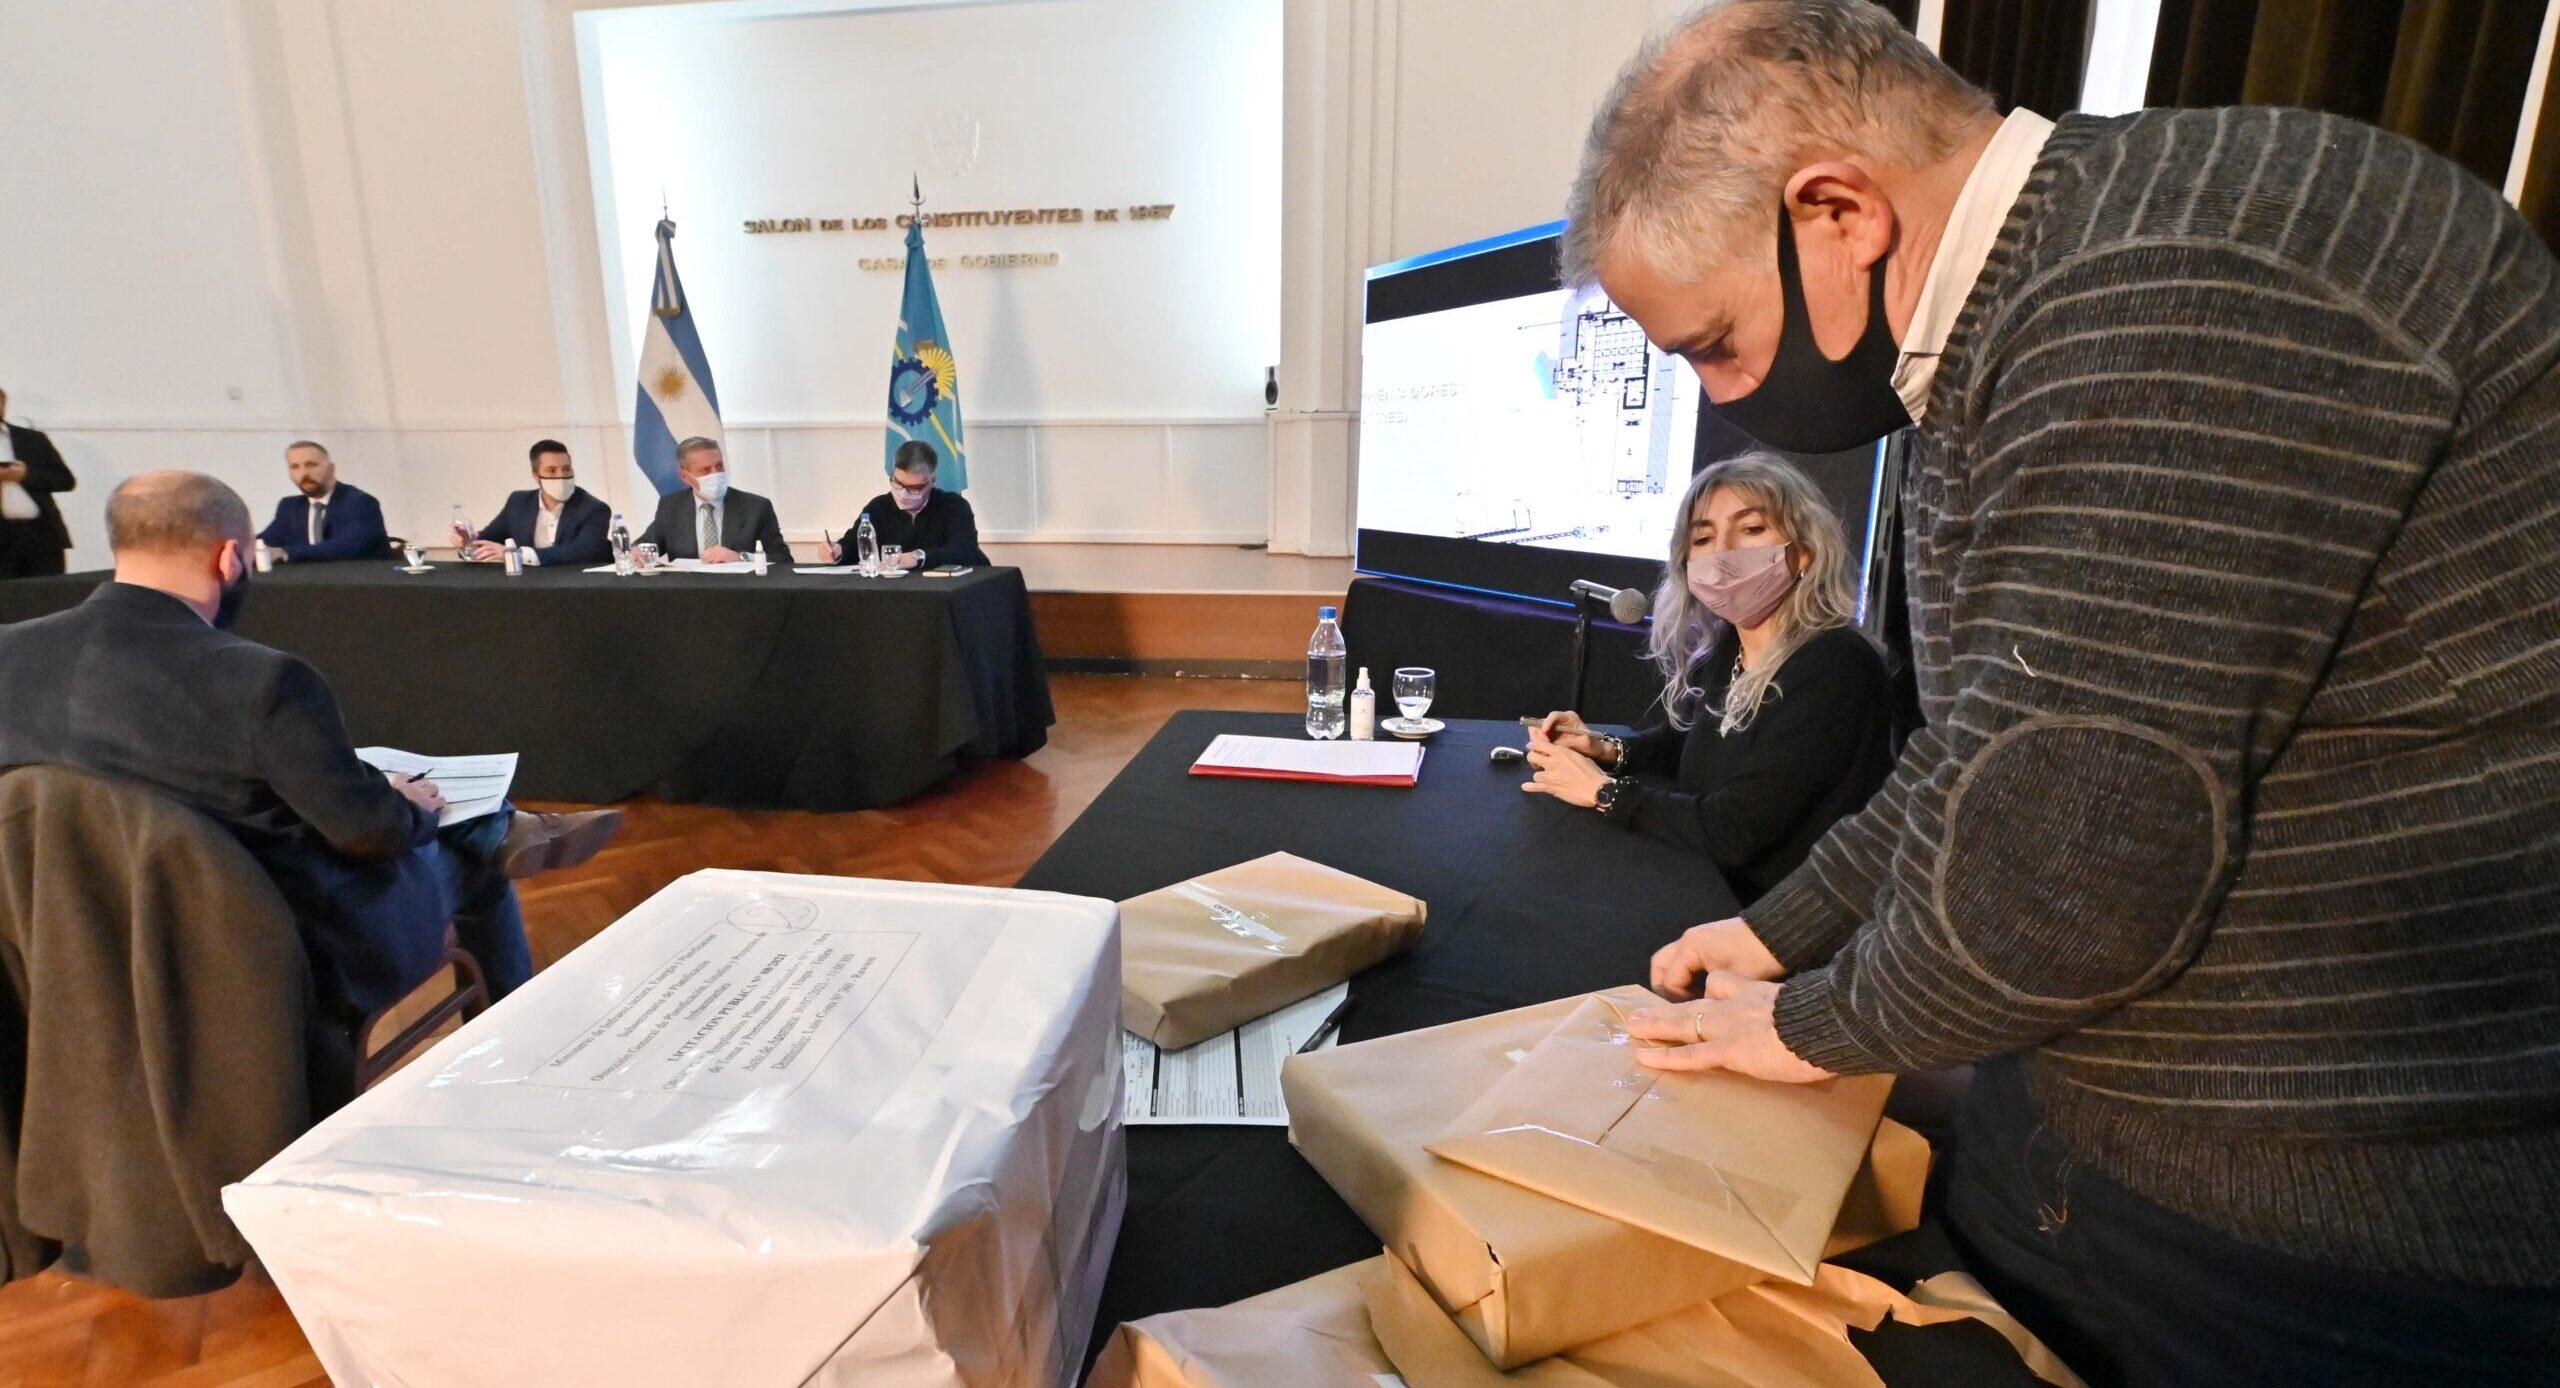 Trelew: Sudelco y Fabri se disputan la licitación de la Planta Potabilizadora por más de $450 millones